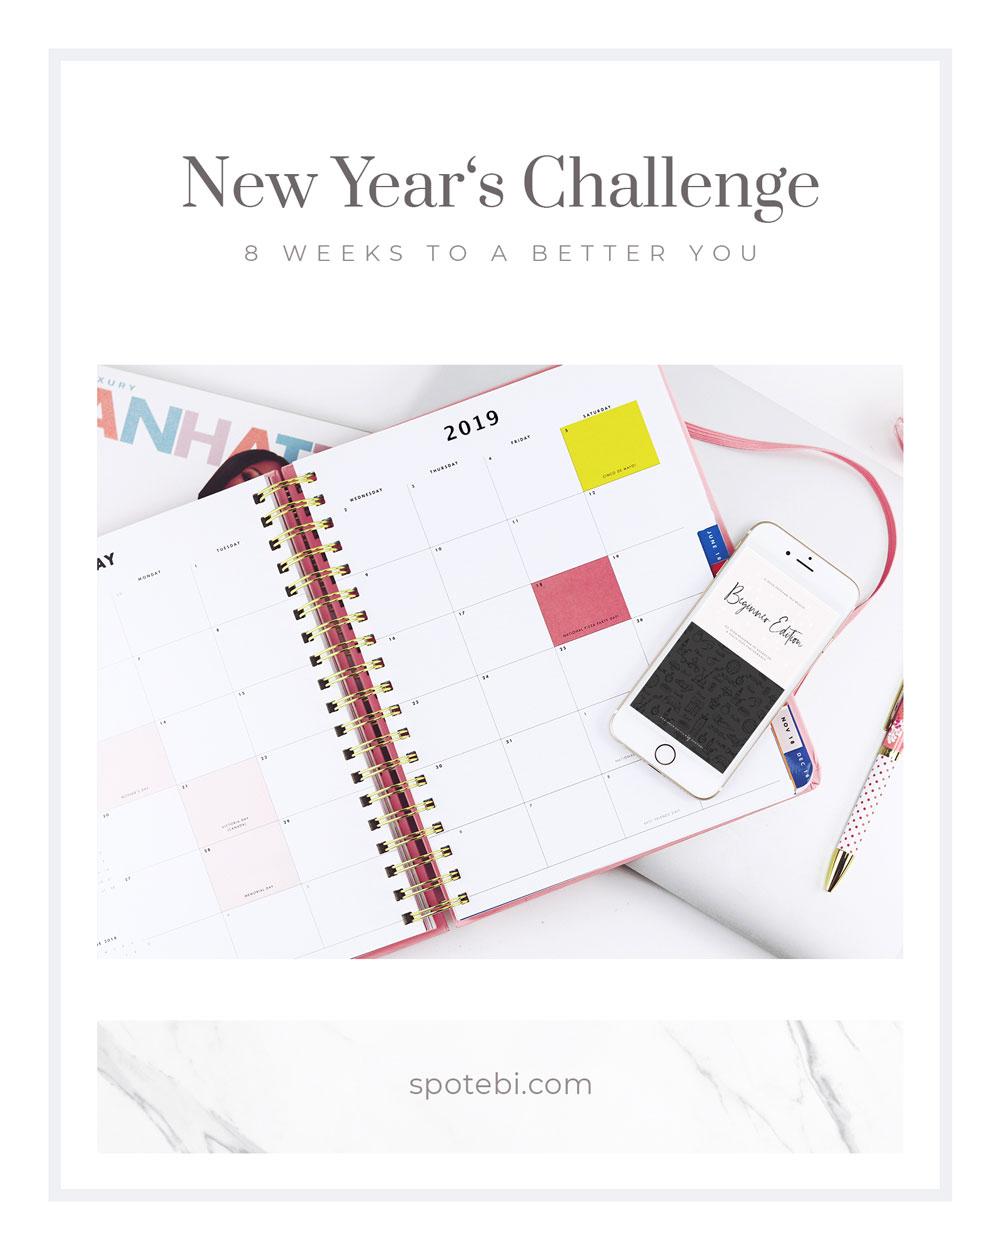 New Year's Challenge | Spotebi